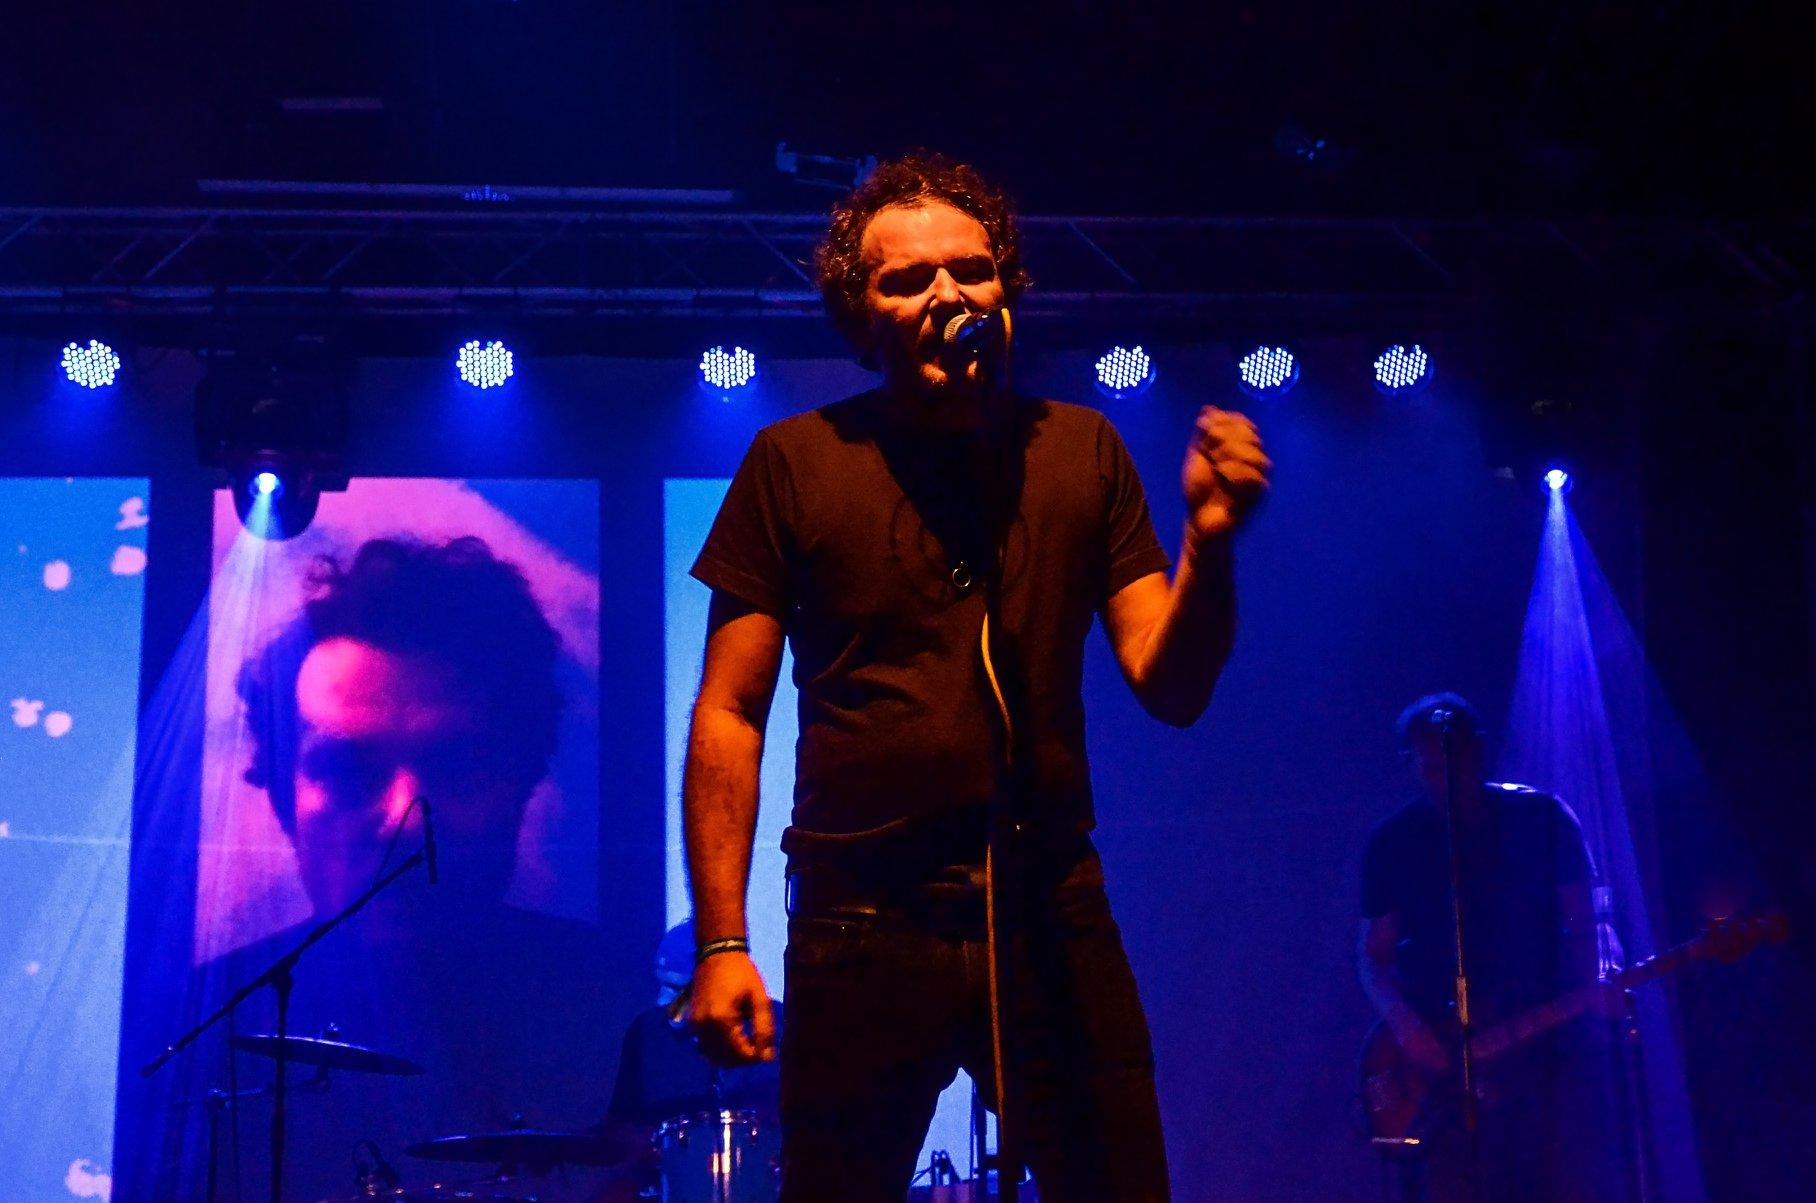 Autumnist - live at Hviezdne Noci Festival, Bytca, 17.08.2018, photo by Marcel Huljak